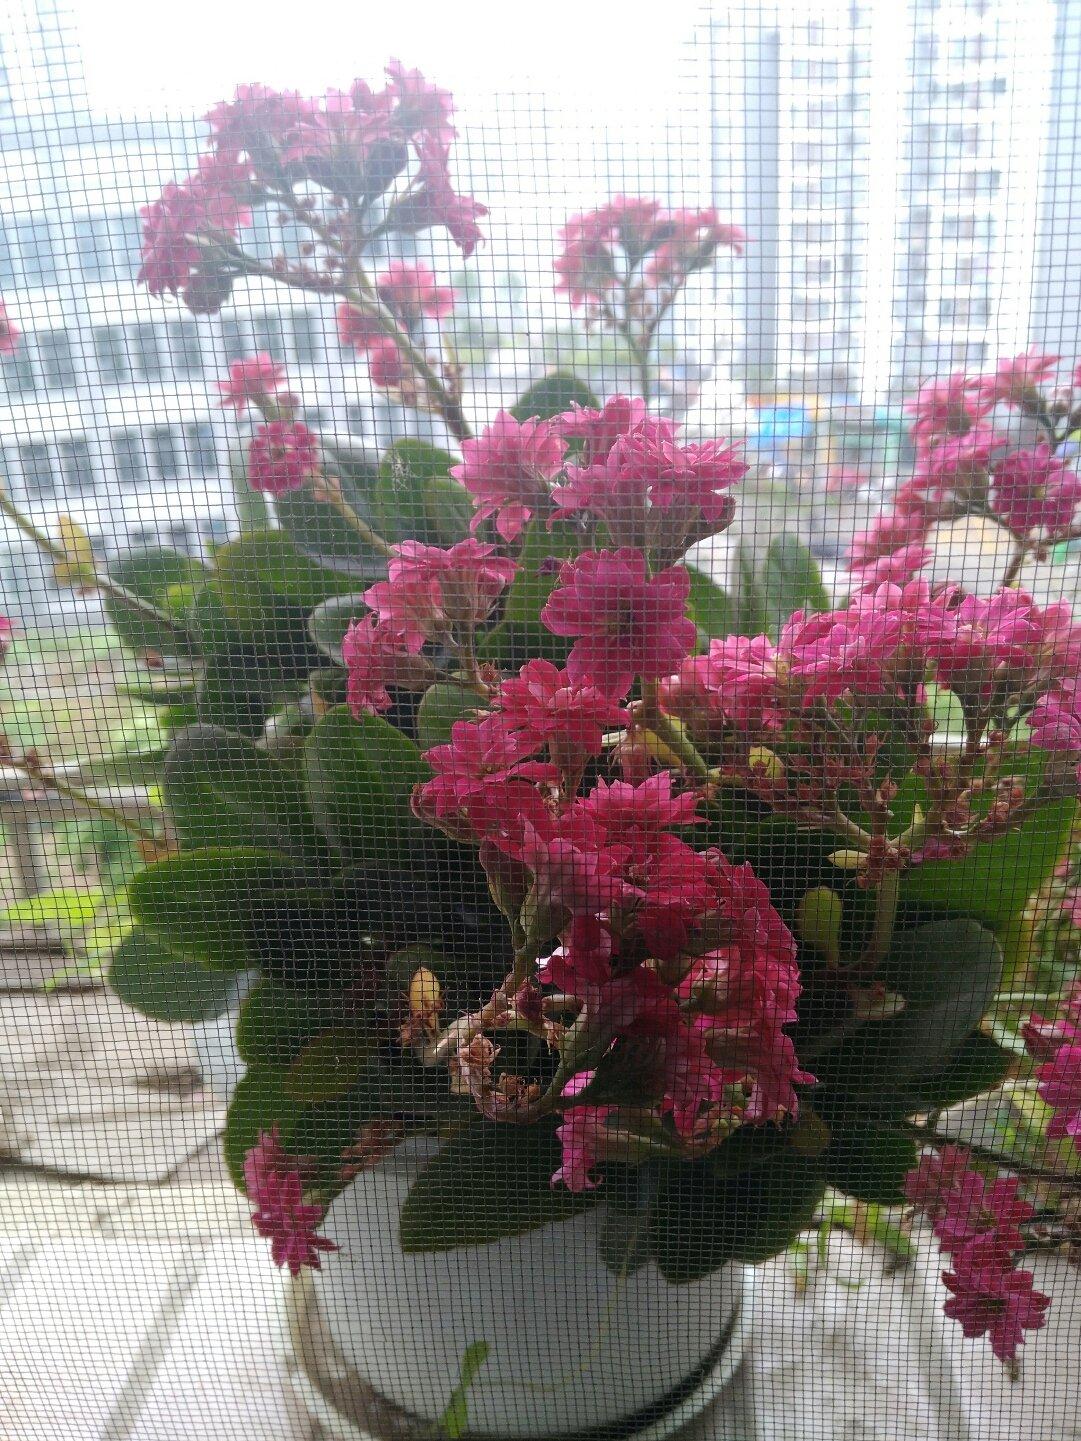 重庆市石柱土家族自治县都督大道靠近寨子柴火鸡天气预报